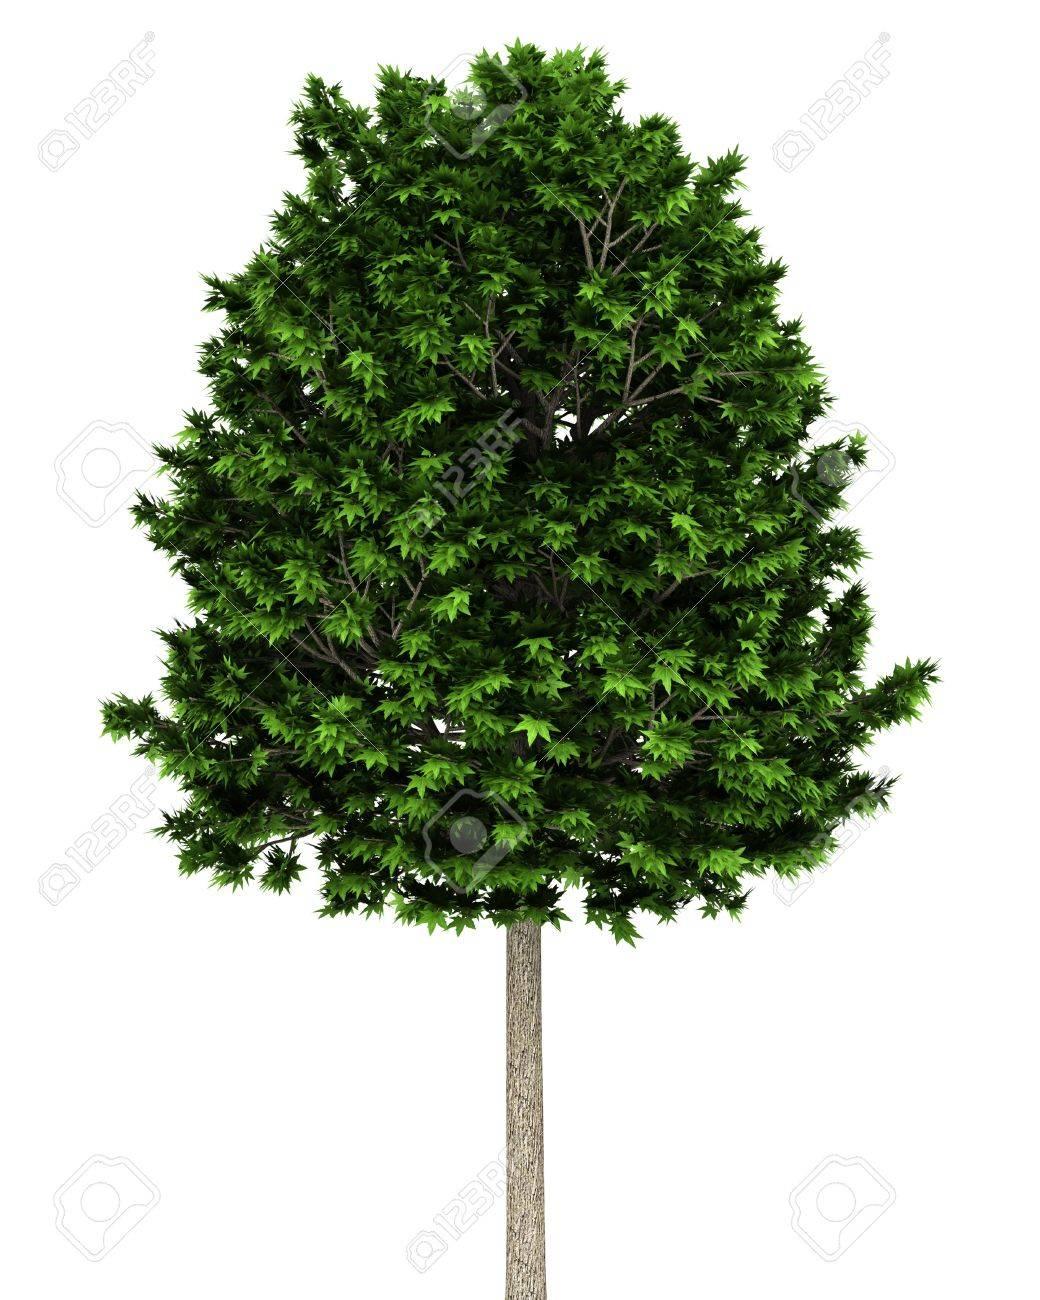 arbre platane isolé sur fond blanc banque d'images et photos libres